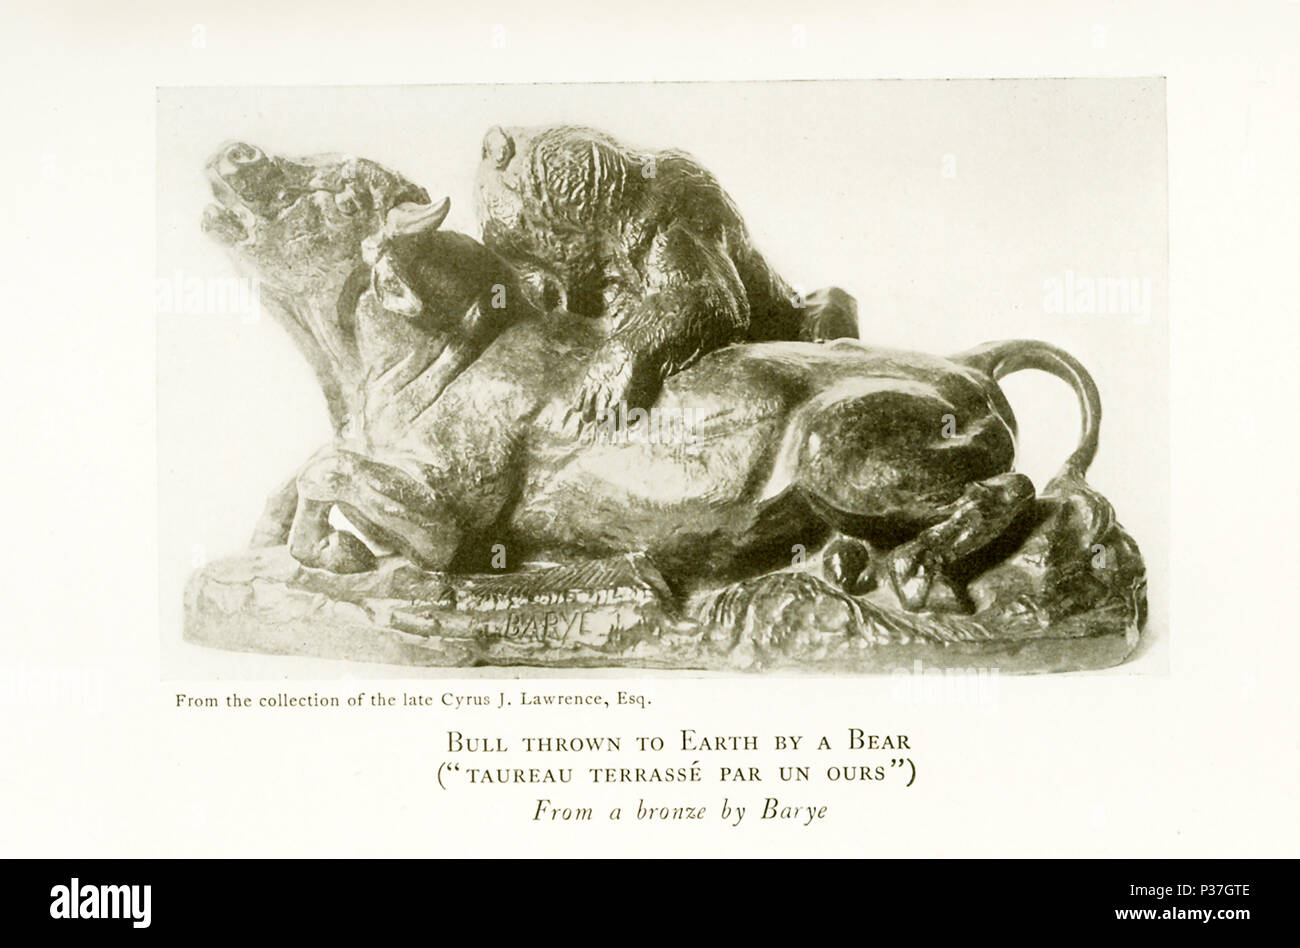 """Antoine Louis Barye (1795-1875) war ein französischer Bildhauer. Er ist am besten bekannt als Bildhauer von Tieren (also eine ANIMALIER). Diese Skulptur von Barye trägt den Titel """"Stier auf die Erde geworfen, von einem Bären"""" ('Taureau terasse par un-Organisationseinheiten"""") und gehörte zu der Sammlung des späten Cyrus J. Lawrence, Esq. Stockbild"""